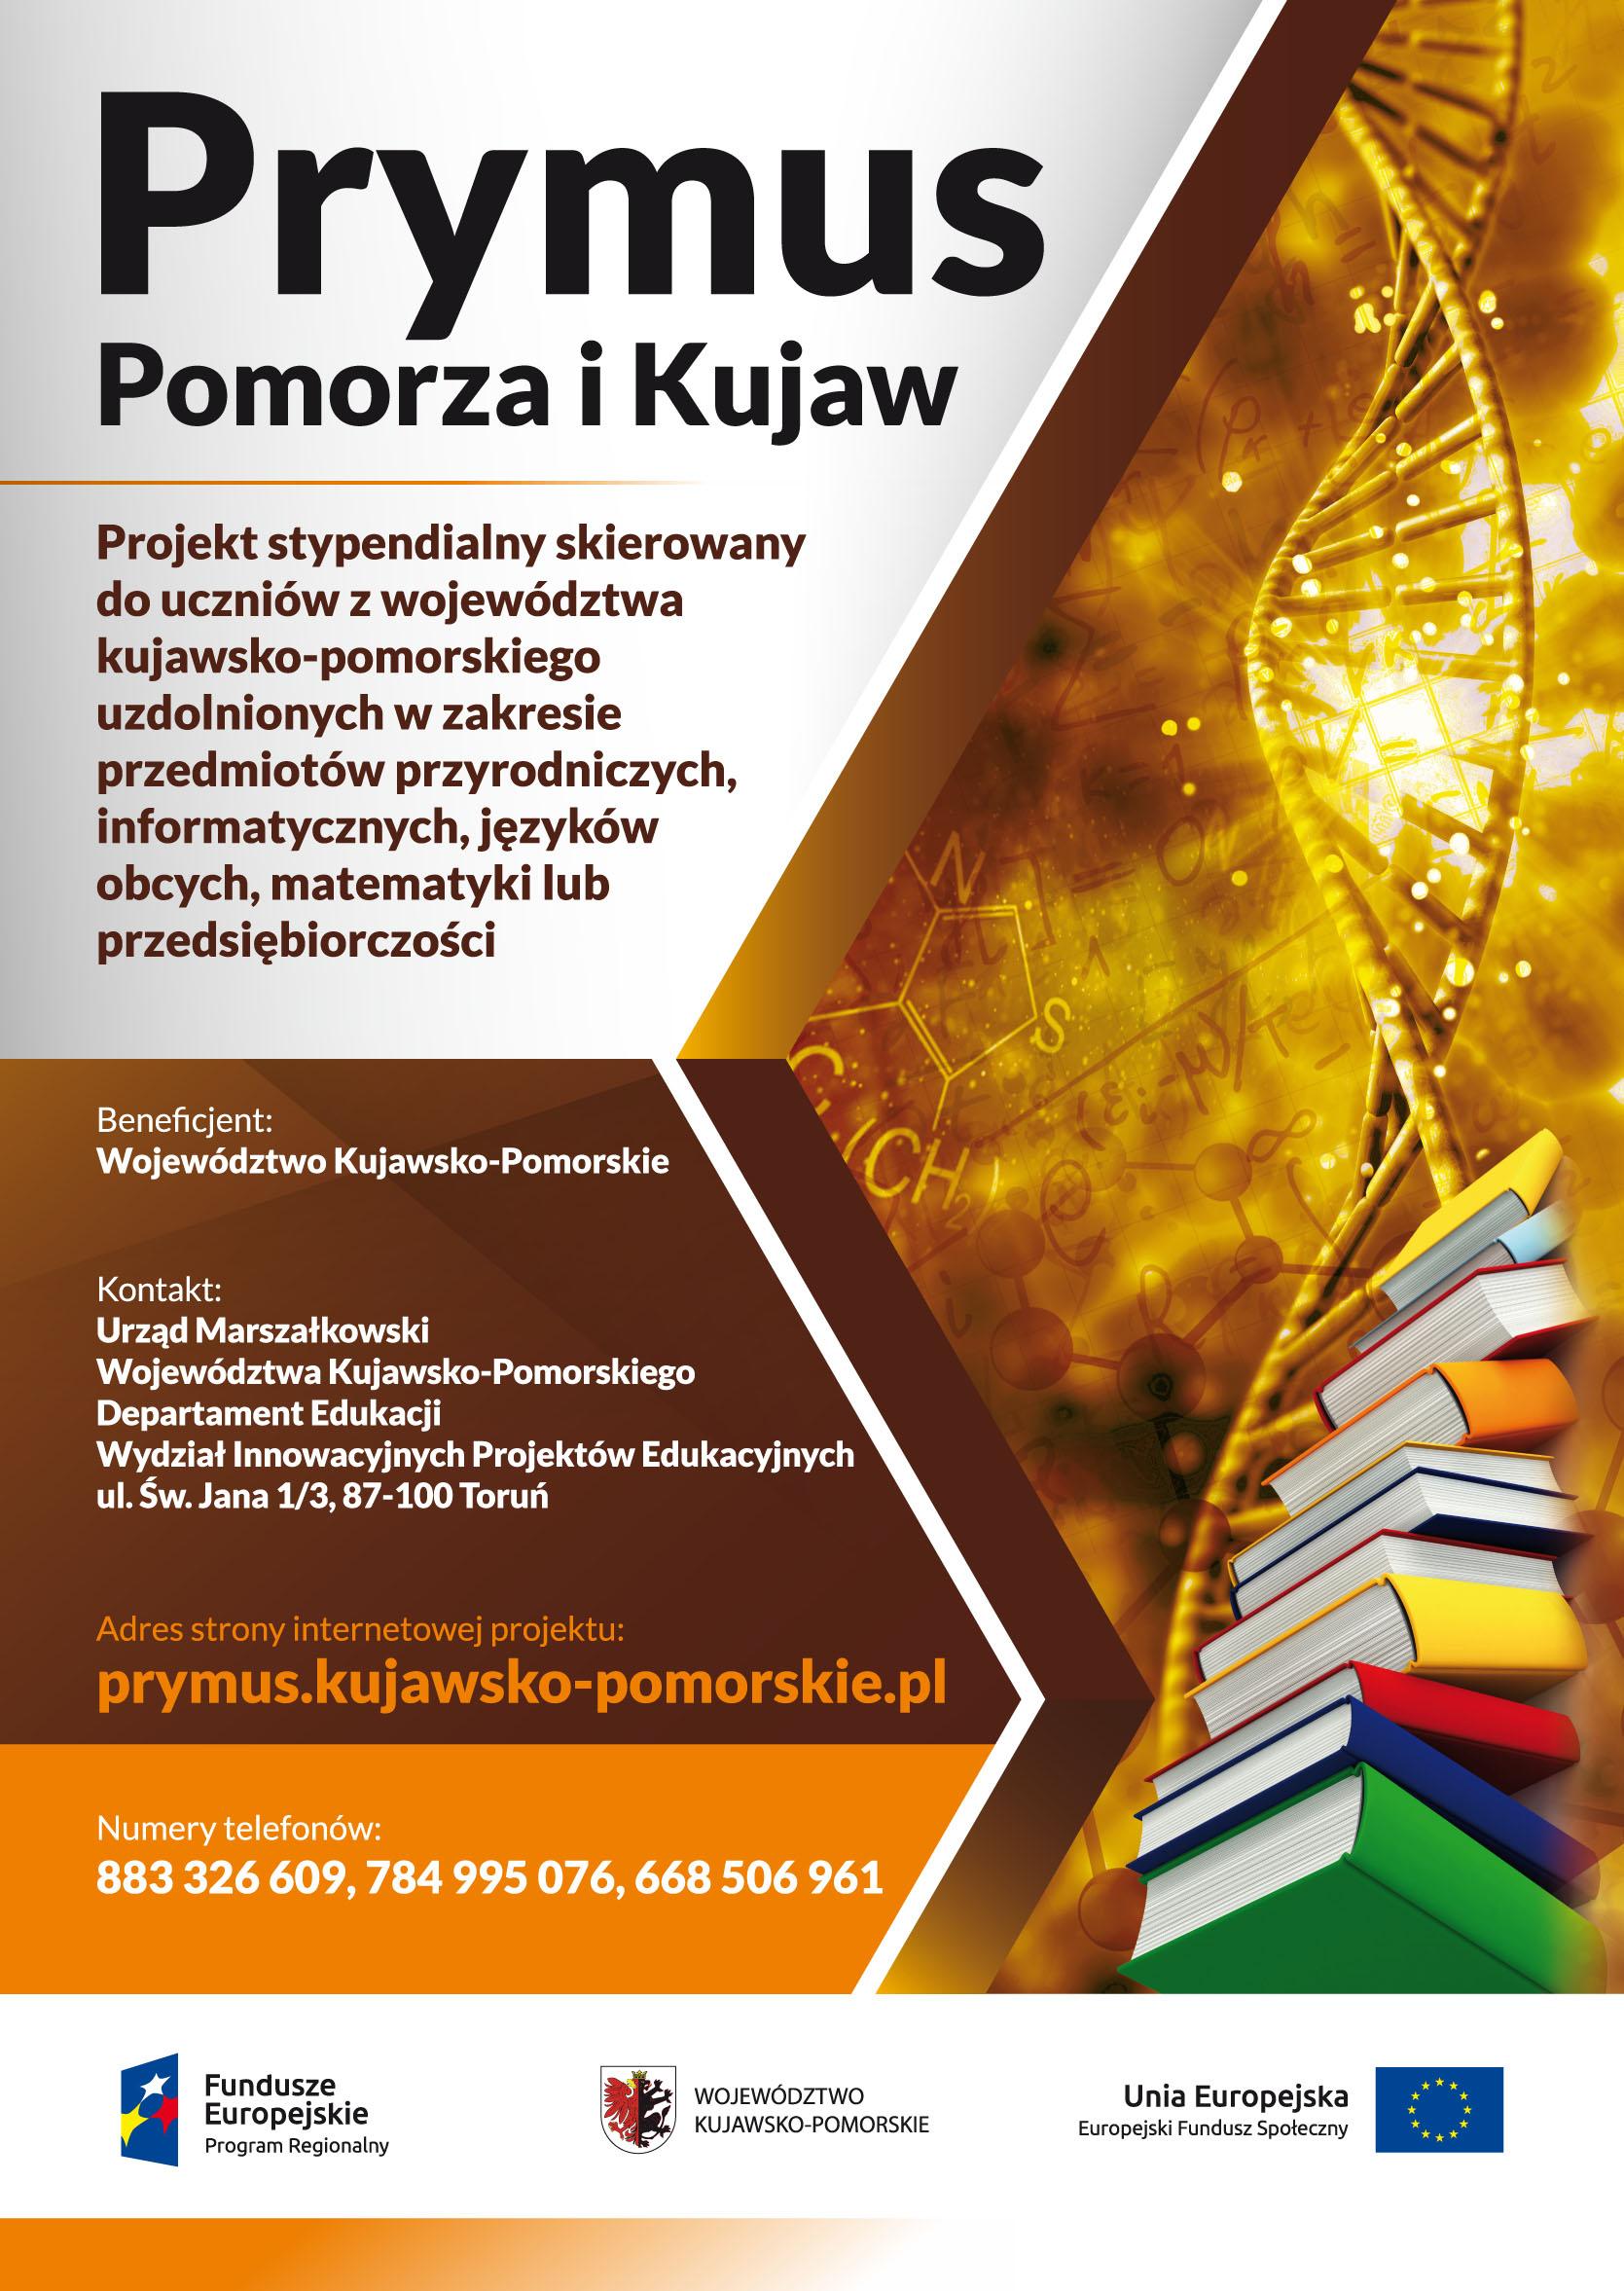 Prymus Pomorza i Kujaw